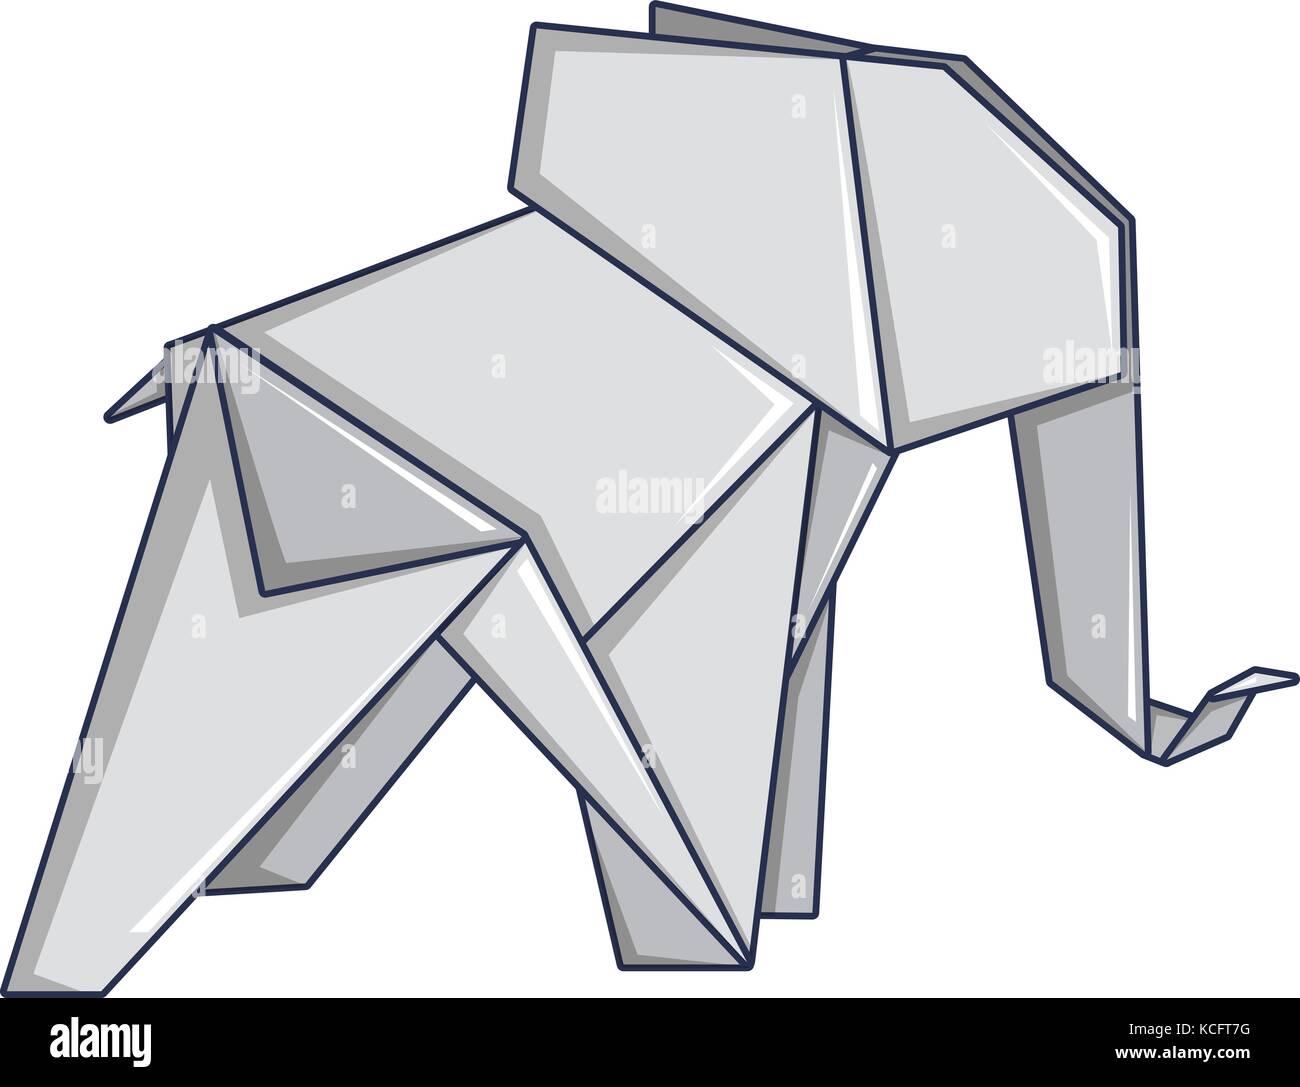 Origami elephant icon cartoon style stock vector art origami elephant icon cartoon style jeuxipadfo Choice Image